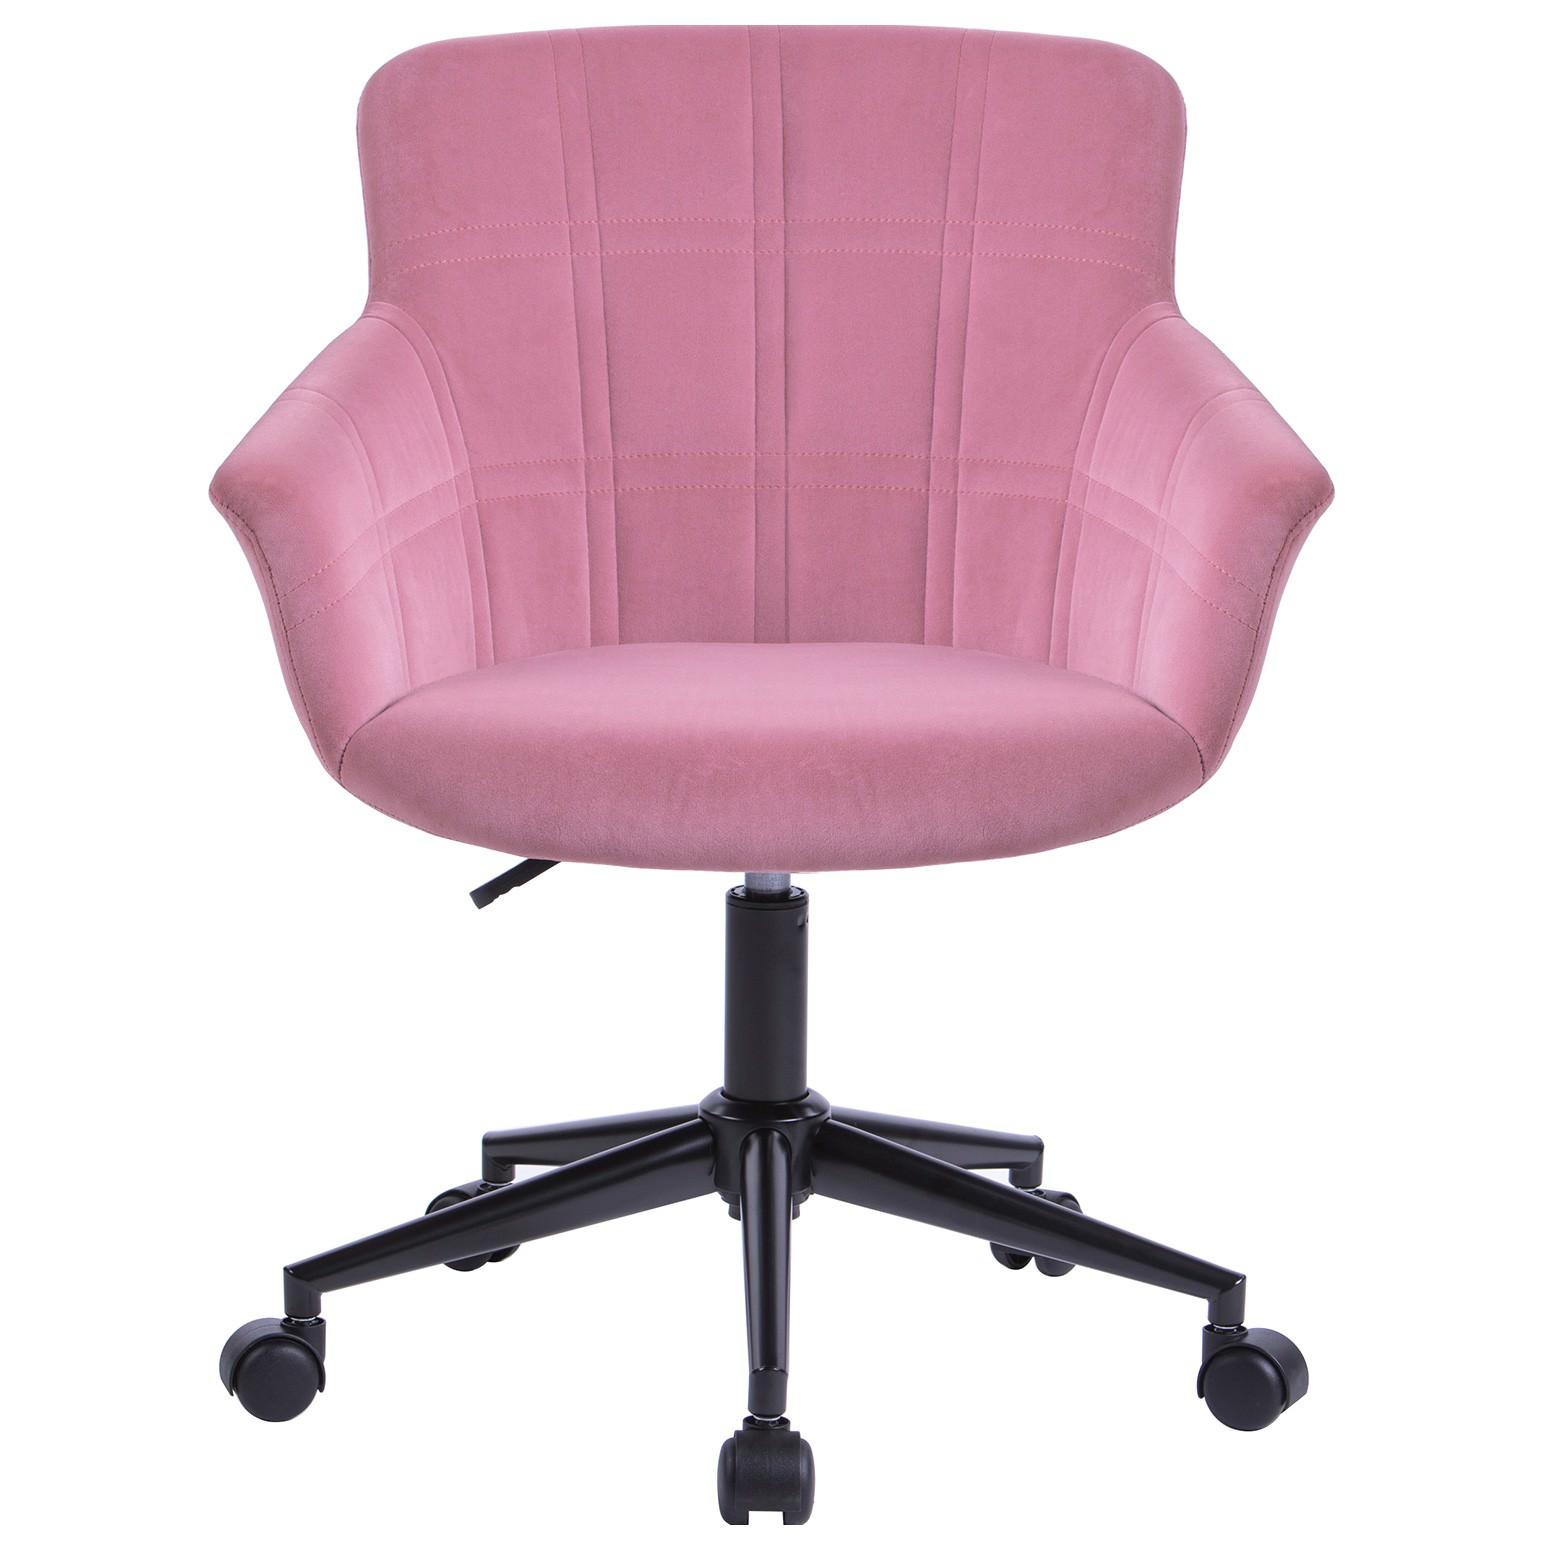 Lunan Velvet Fabric Office Chair, Pink